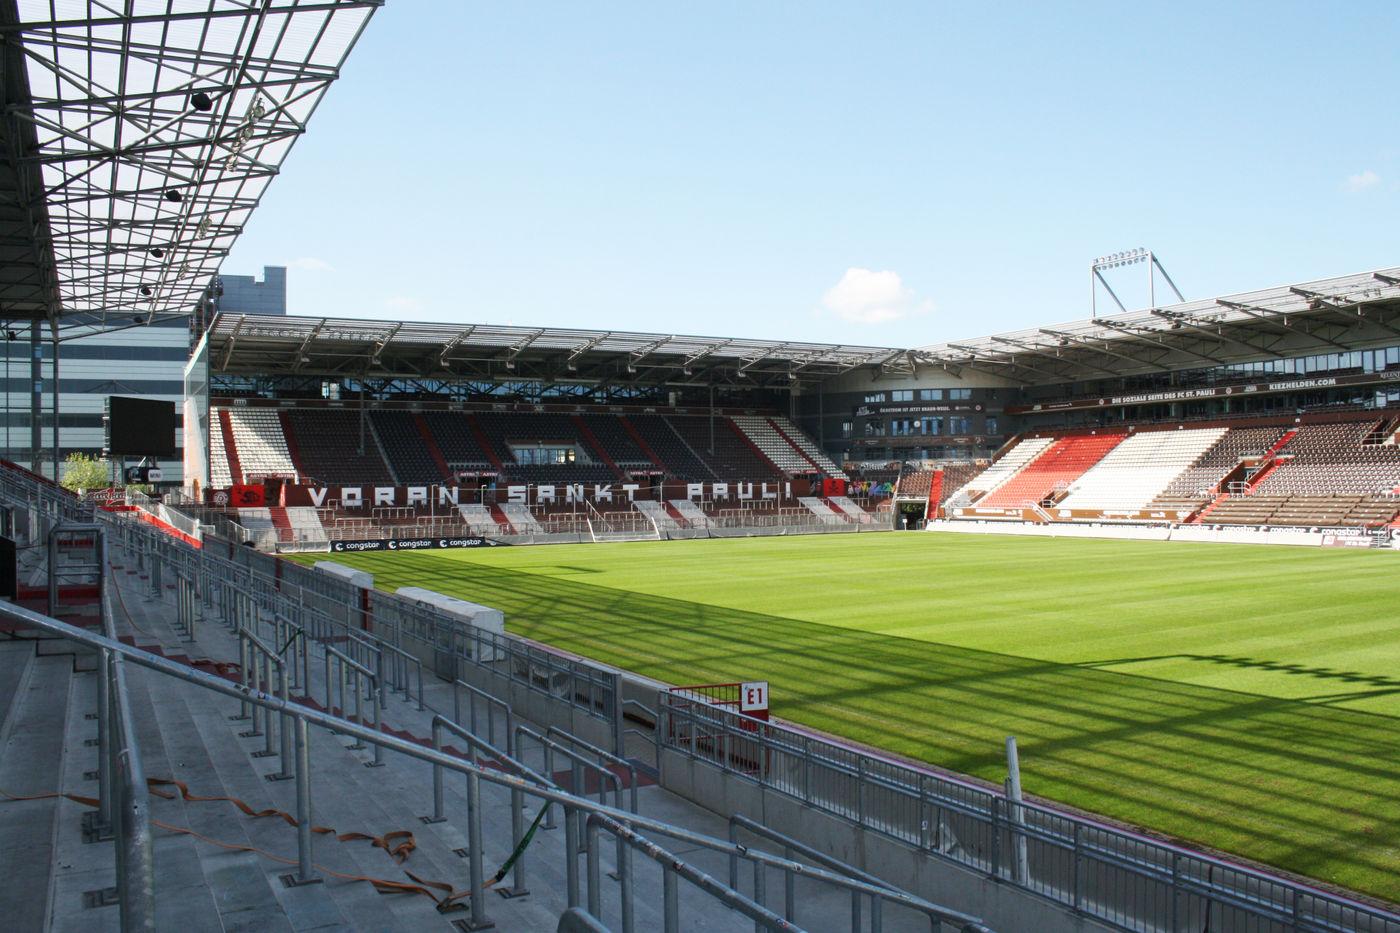 Zweite Bundesliga: Der Spielplan für Saison 2018/19 ist da